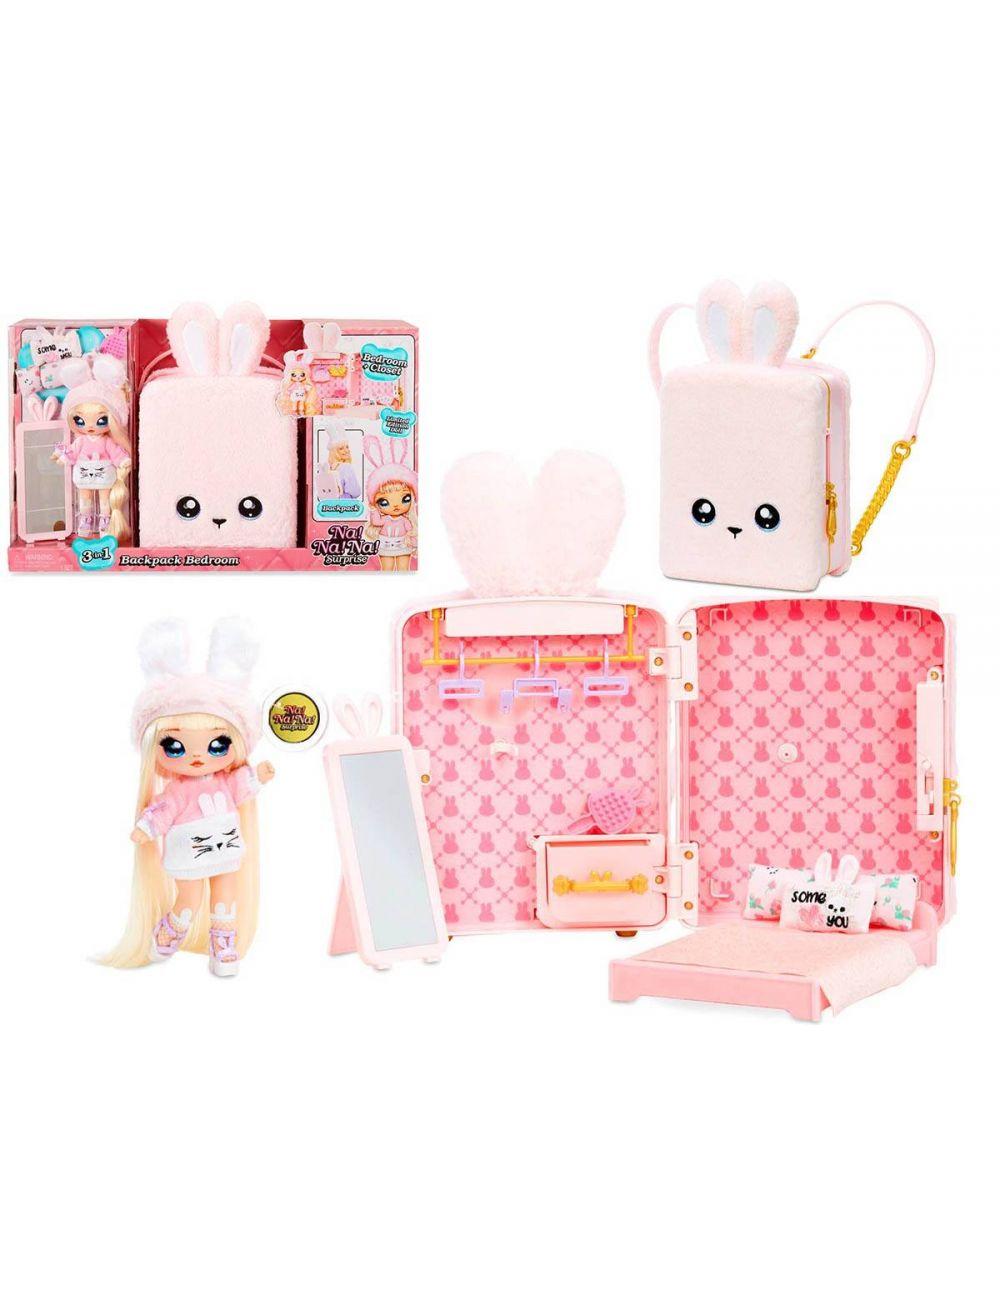 NaNaNa Plecak i laleczka Aubrey Heart różowy królik 3w1